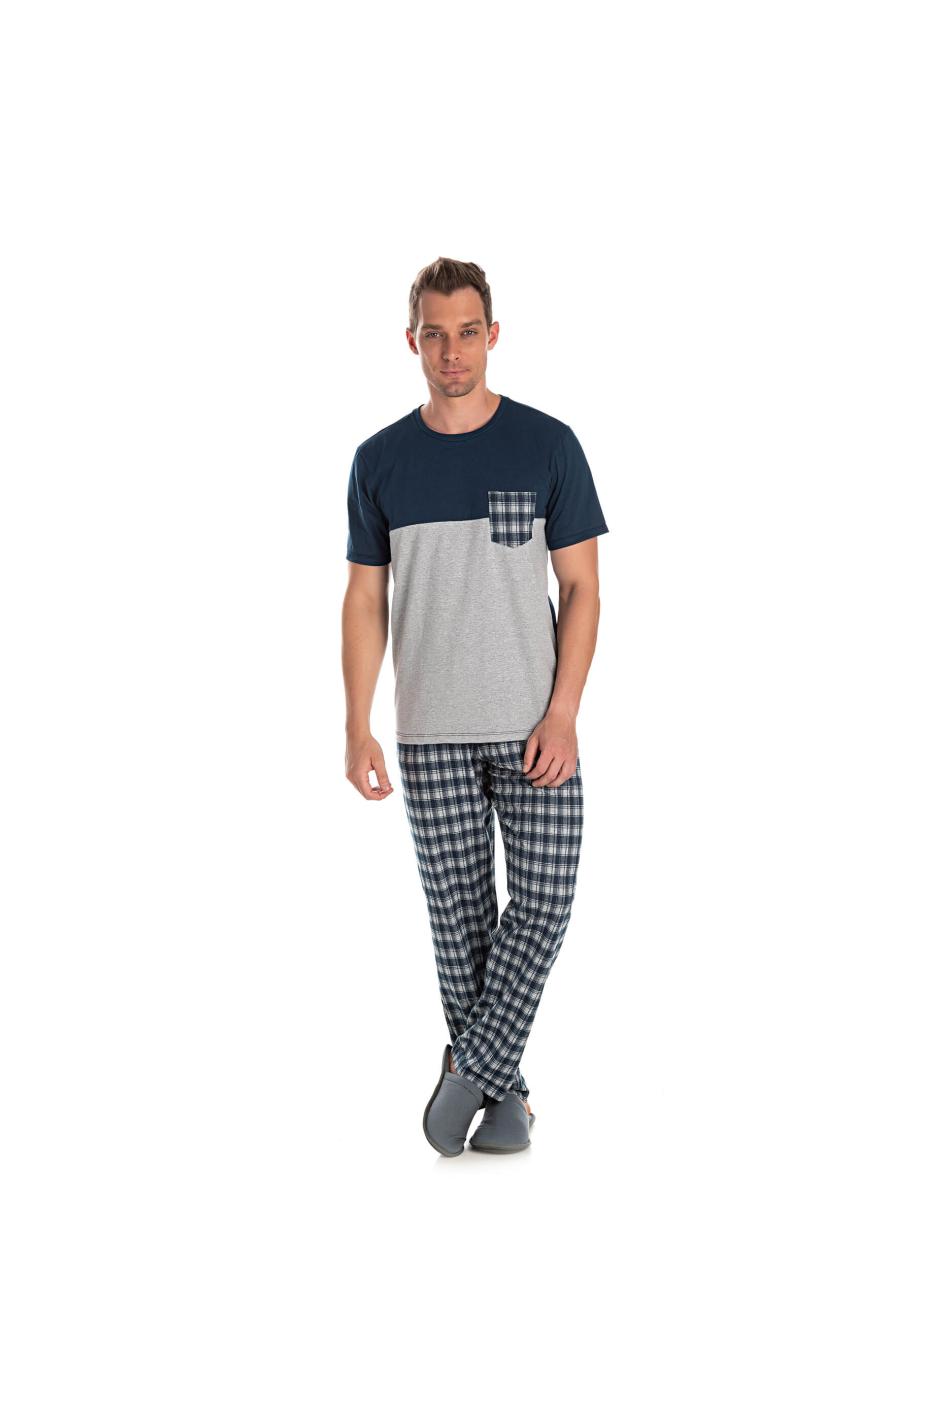 025/C - Pijama Adulto Masculino Camisa Meia Estação Xadrez